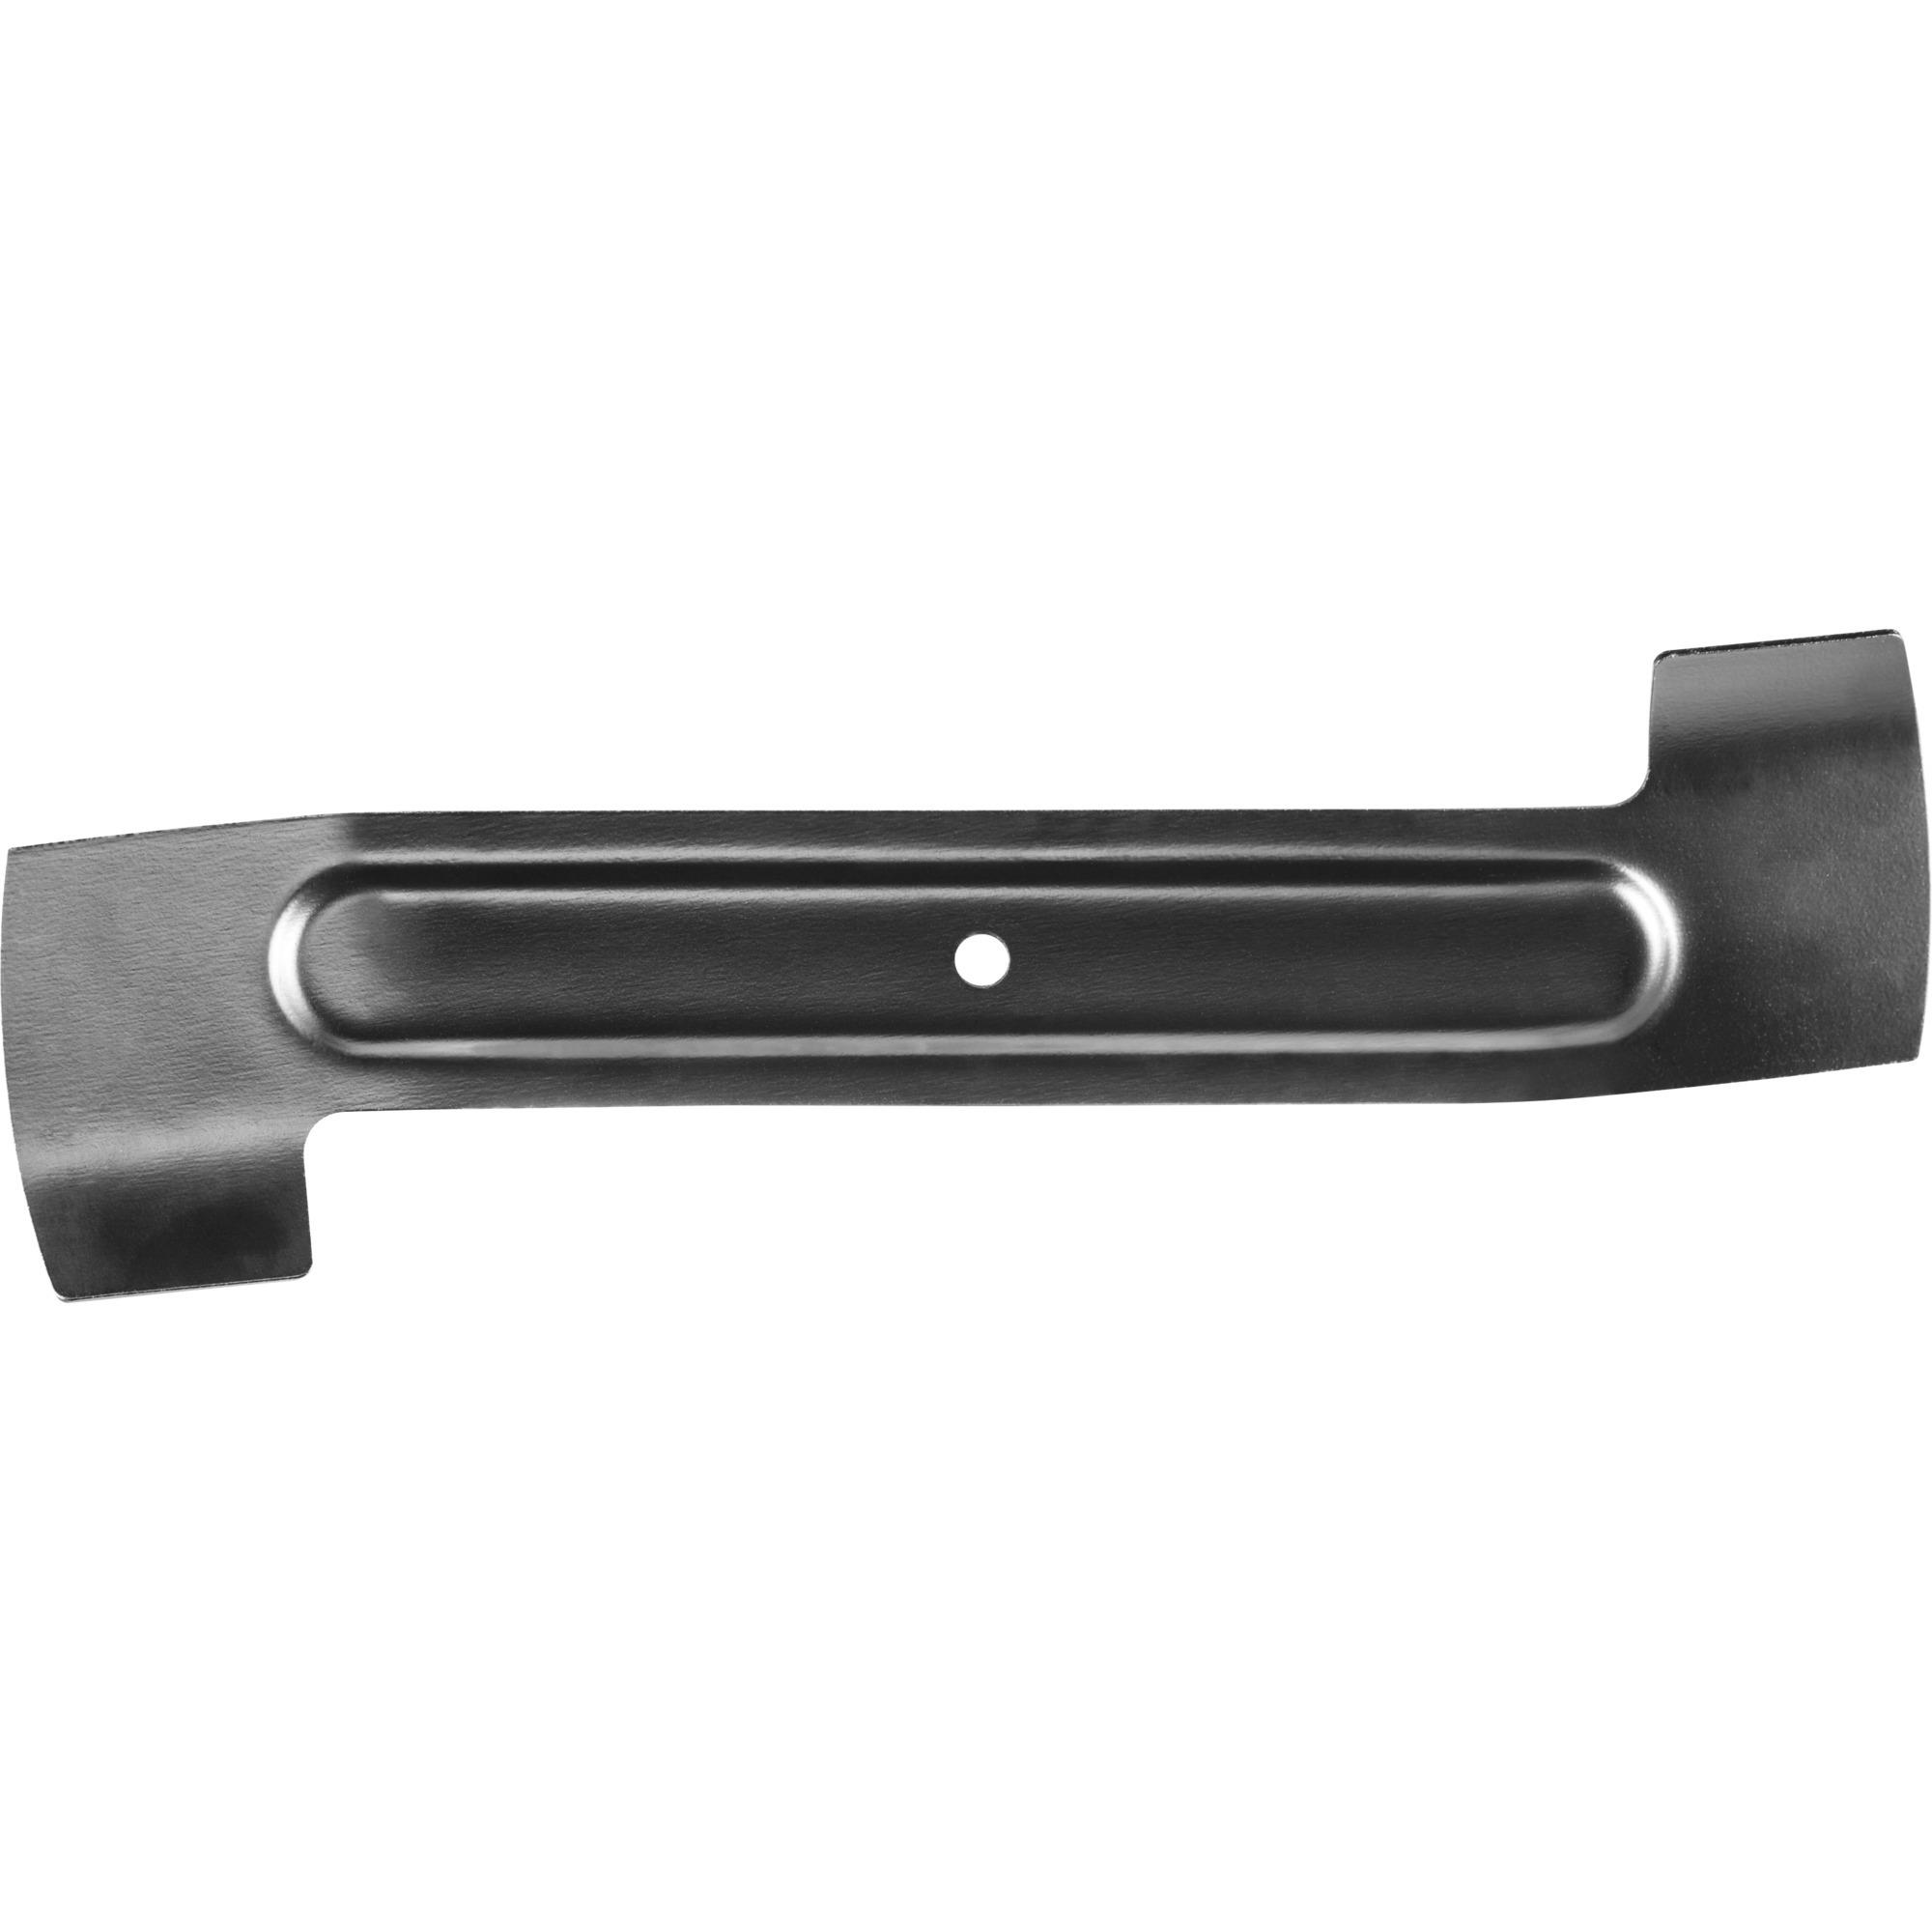 04101-20-lawn-mower-blade-tilbehor-til-planeklipperdel-ekstra-klinge